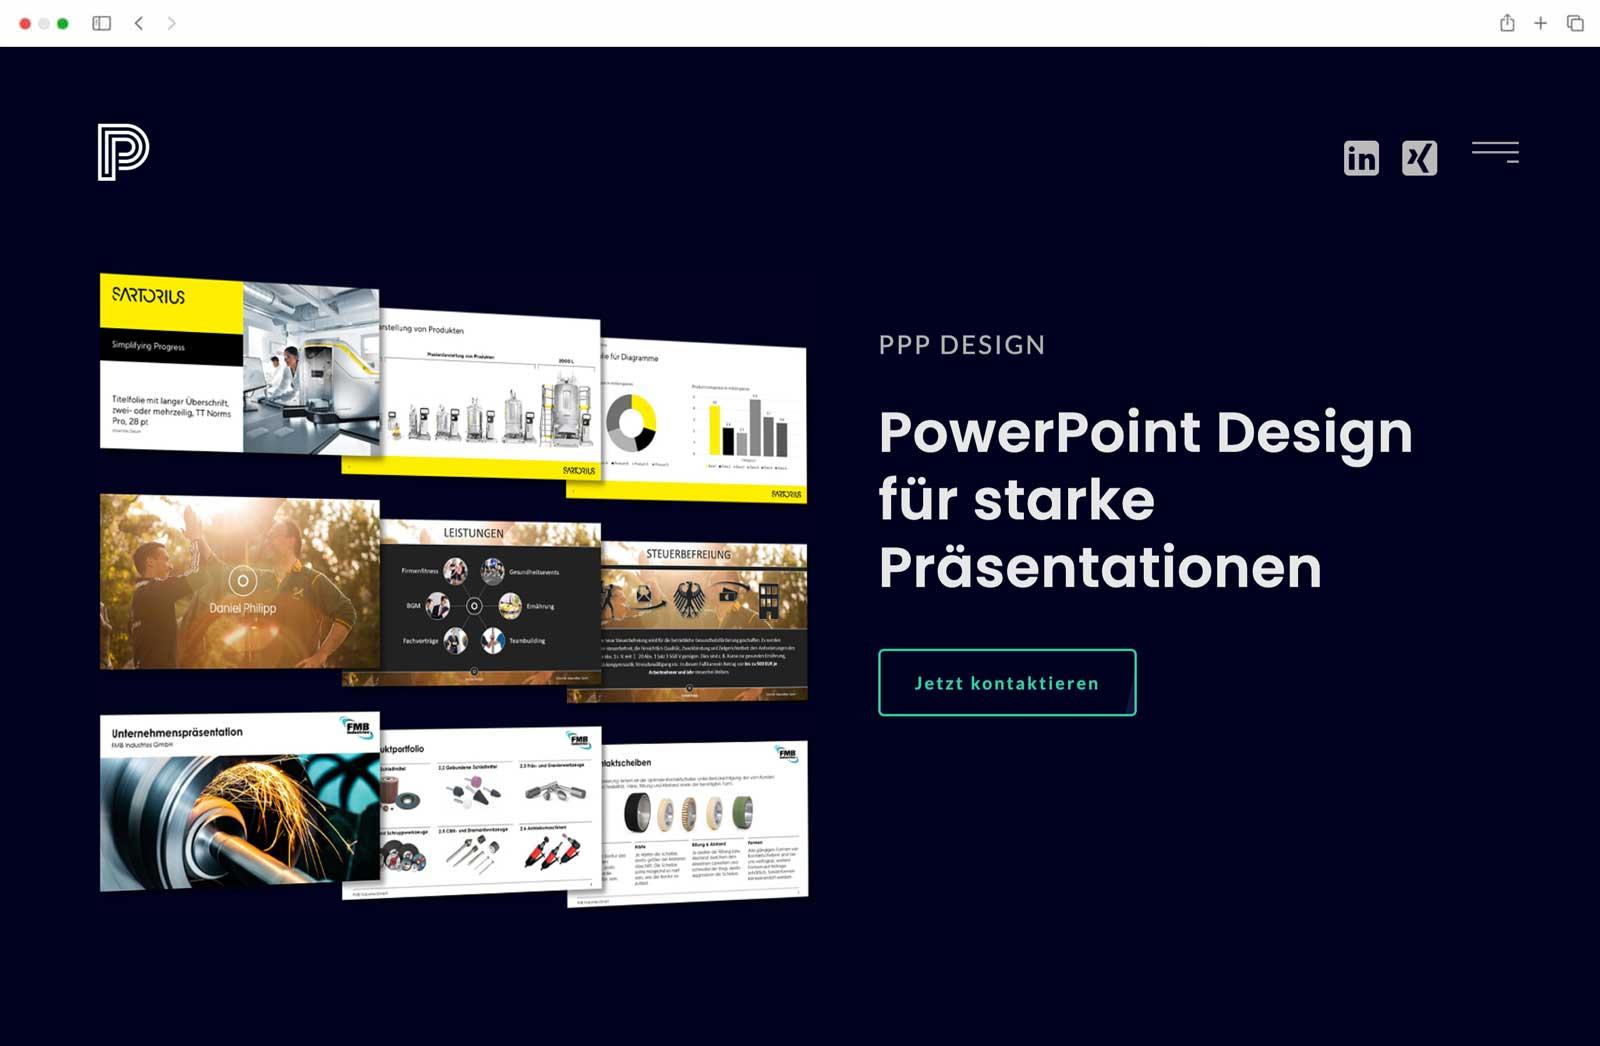 Website Startseite Powerpoint Präsentation PPP Design